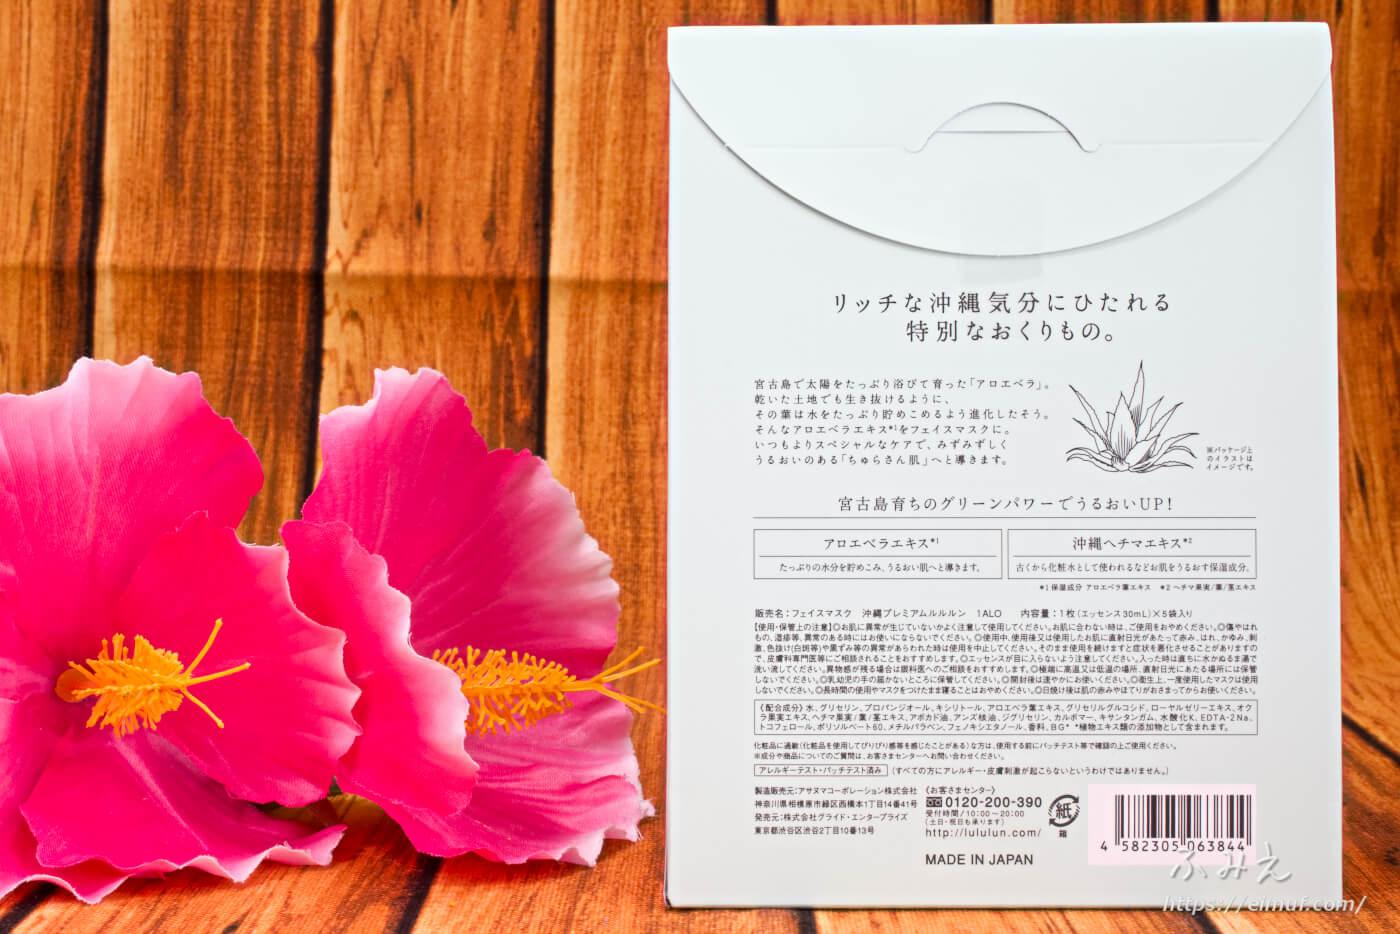 沖縄のプレミアムルルルン 大人のスペシャルケア シトラスの香り 1枚入り×5袋 パッケージ裏面